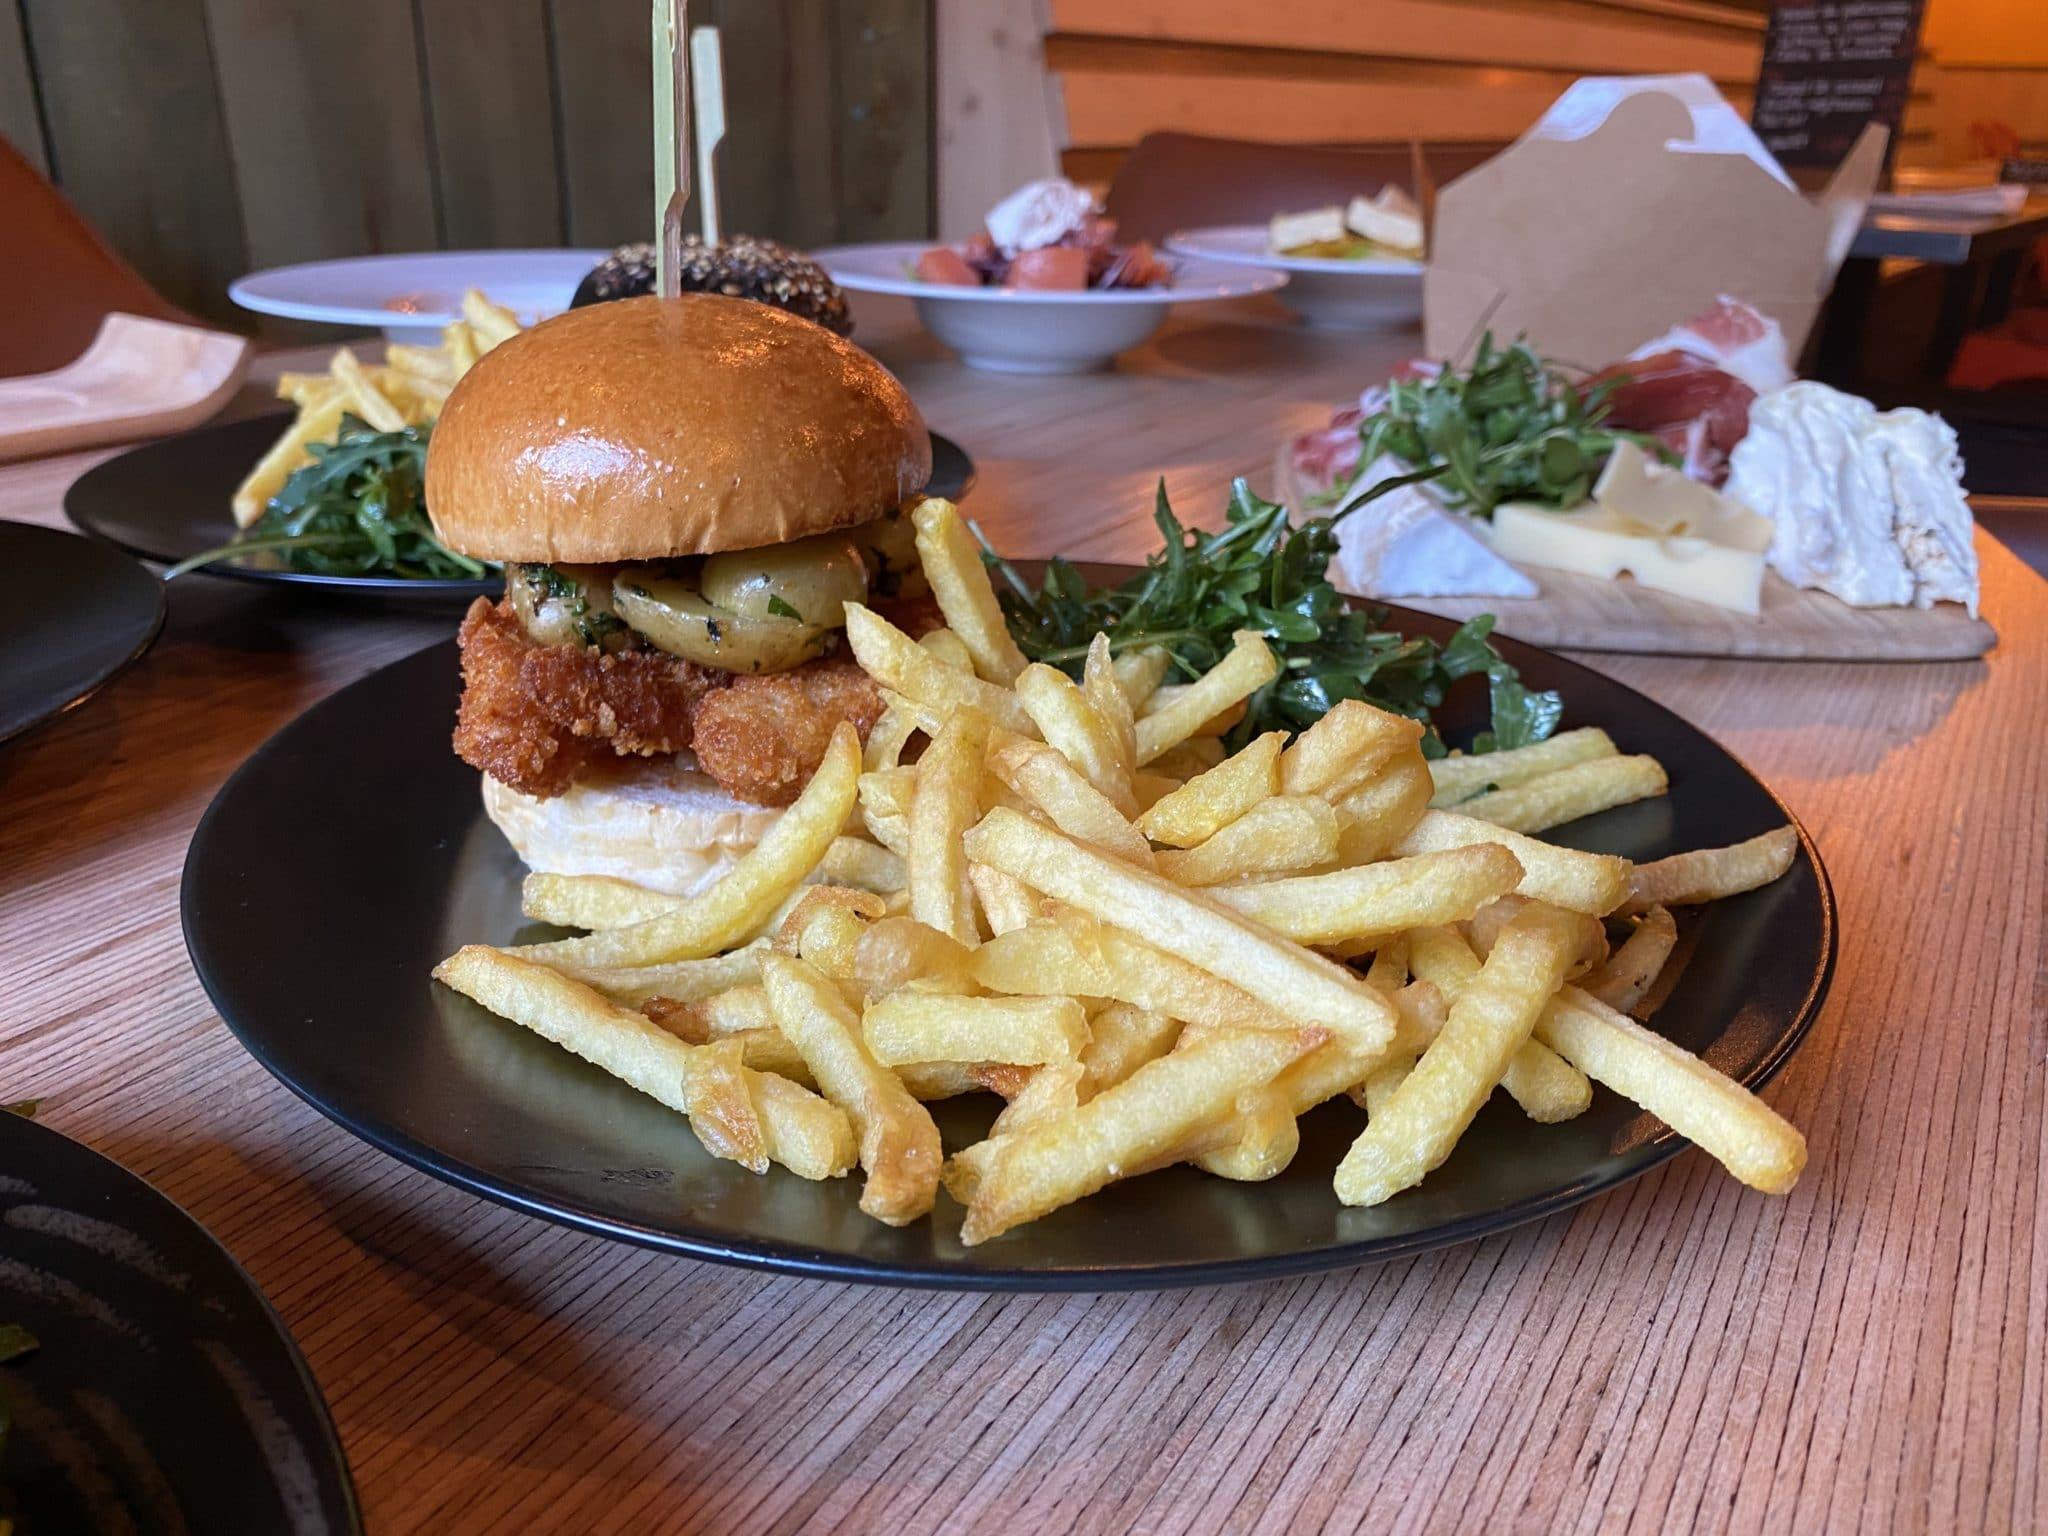 burger frites - fait maison - chef - Vertical'Art Lyon - produits frais - locaux - manger sain